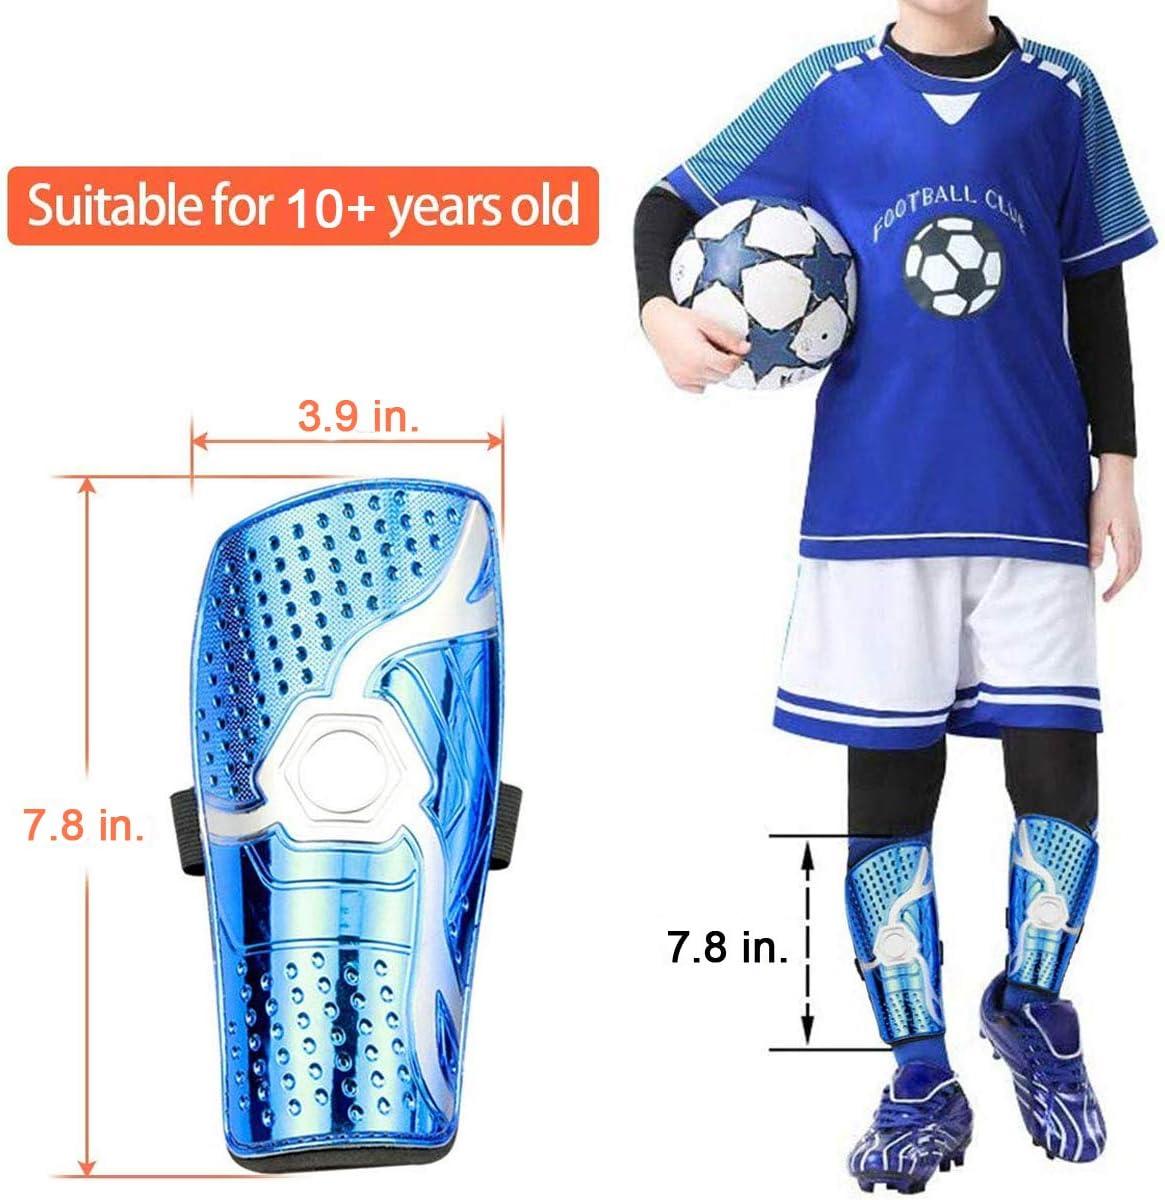 Bambini WIKEA Parastinchi da Calcio per Bambini Attrezzature da Calcio Traspiranti per vitelli per Bambini 6-12 Anni Ragazzi Ragazze Adolescenti